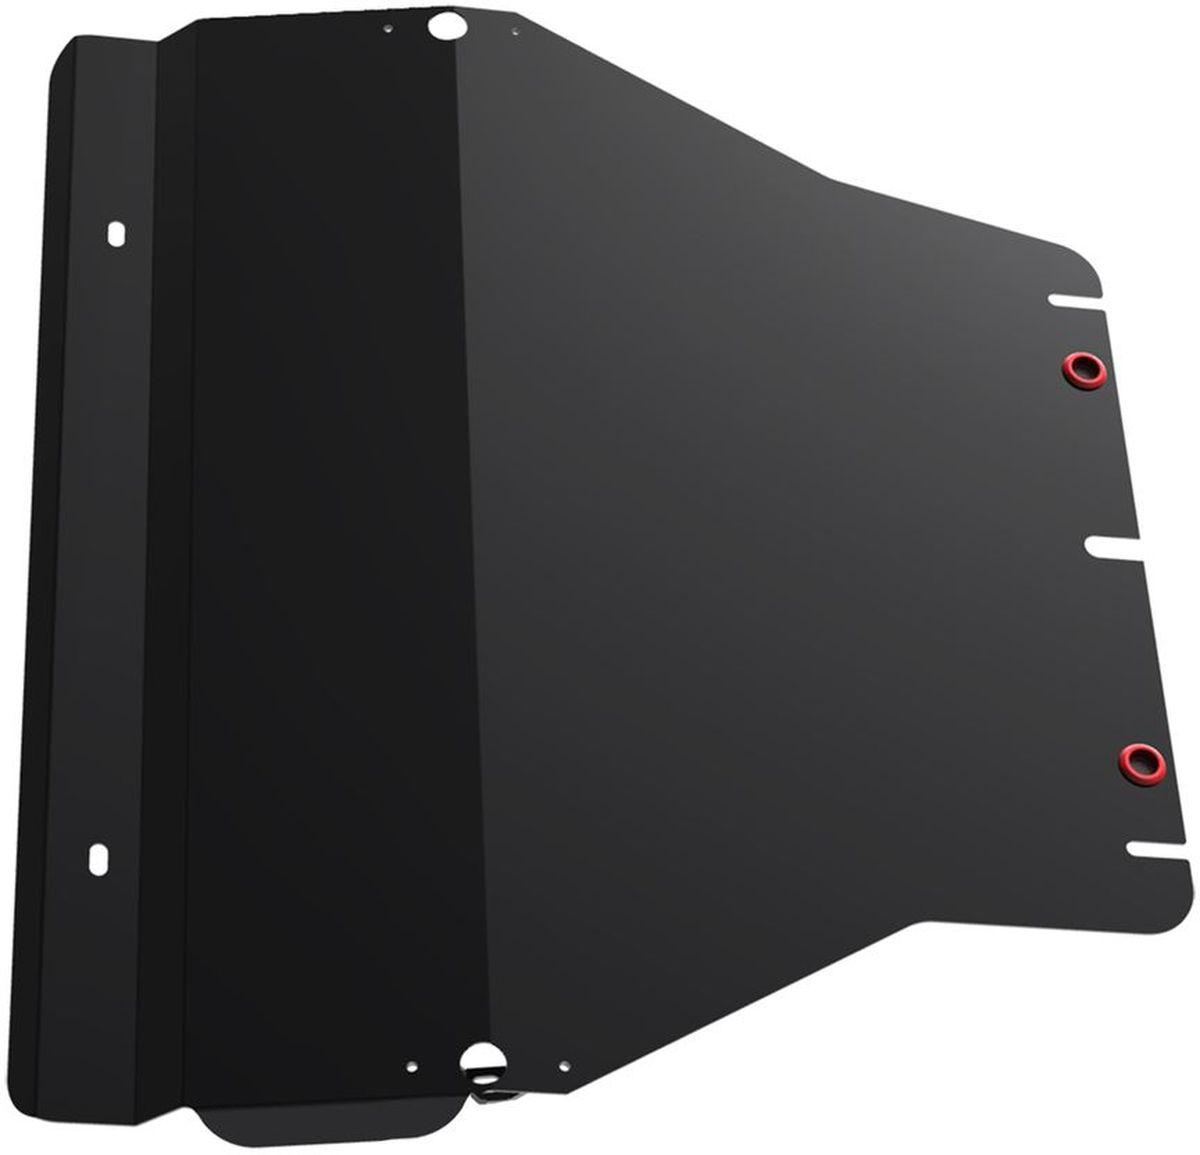 Защита картера и КПП Автоброня, для Volkswagen Caravelle/Multivan/Transporter T5. 111.05806.1111.05806.1Технологически совершенный продукт за невысокую стоимость. Защита разработана с учетом особенностей днища автомобиля, что позволяет сохранить дорожный просвет с минимальным изменением. Защита устанавливается в штатные места кузова автомобиля. Глубокий штамп обеспечивает до двух раз больше жесткости в сравнении с обычной защитой той же толщины. Проштампованные ребра жесткости препятствуют деформации защиты при ударах. Тепловой зазор и вентиляционные отверстия обеспечивают сохранение температурного режима двигателя в норме. Скрытый крепеж предотвращает срыв крепежных элементов при наезде на препятствие. Шумопоглощающие резиновые элементы обеспечивают комфортную езду без вибраций и скрежета металла, а съемные лючки для слива масла и замены фильтра - экономию средств и время. Конструкция изделия не влияет на пассивную безопасность автомобиля (при ударе защита не воздействует на деформационные зоны кузова). Со штатным крепежом. В комплекте инструкция по...